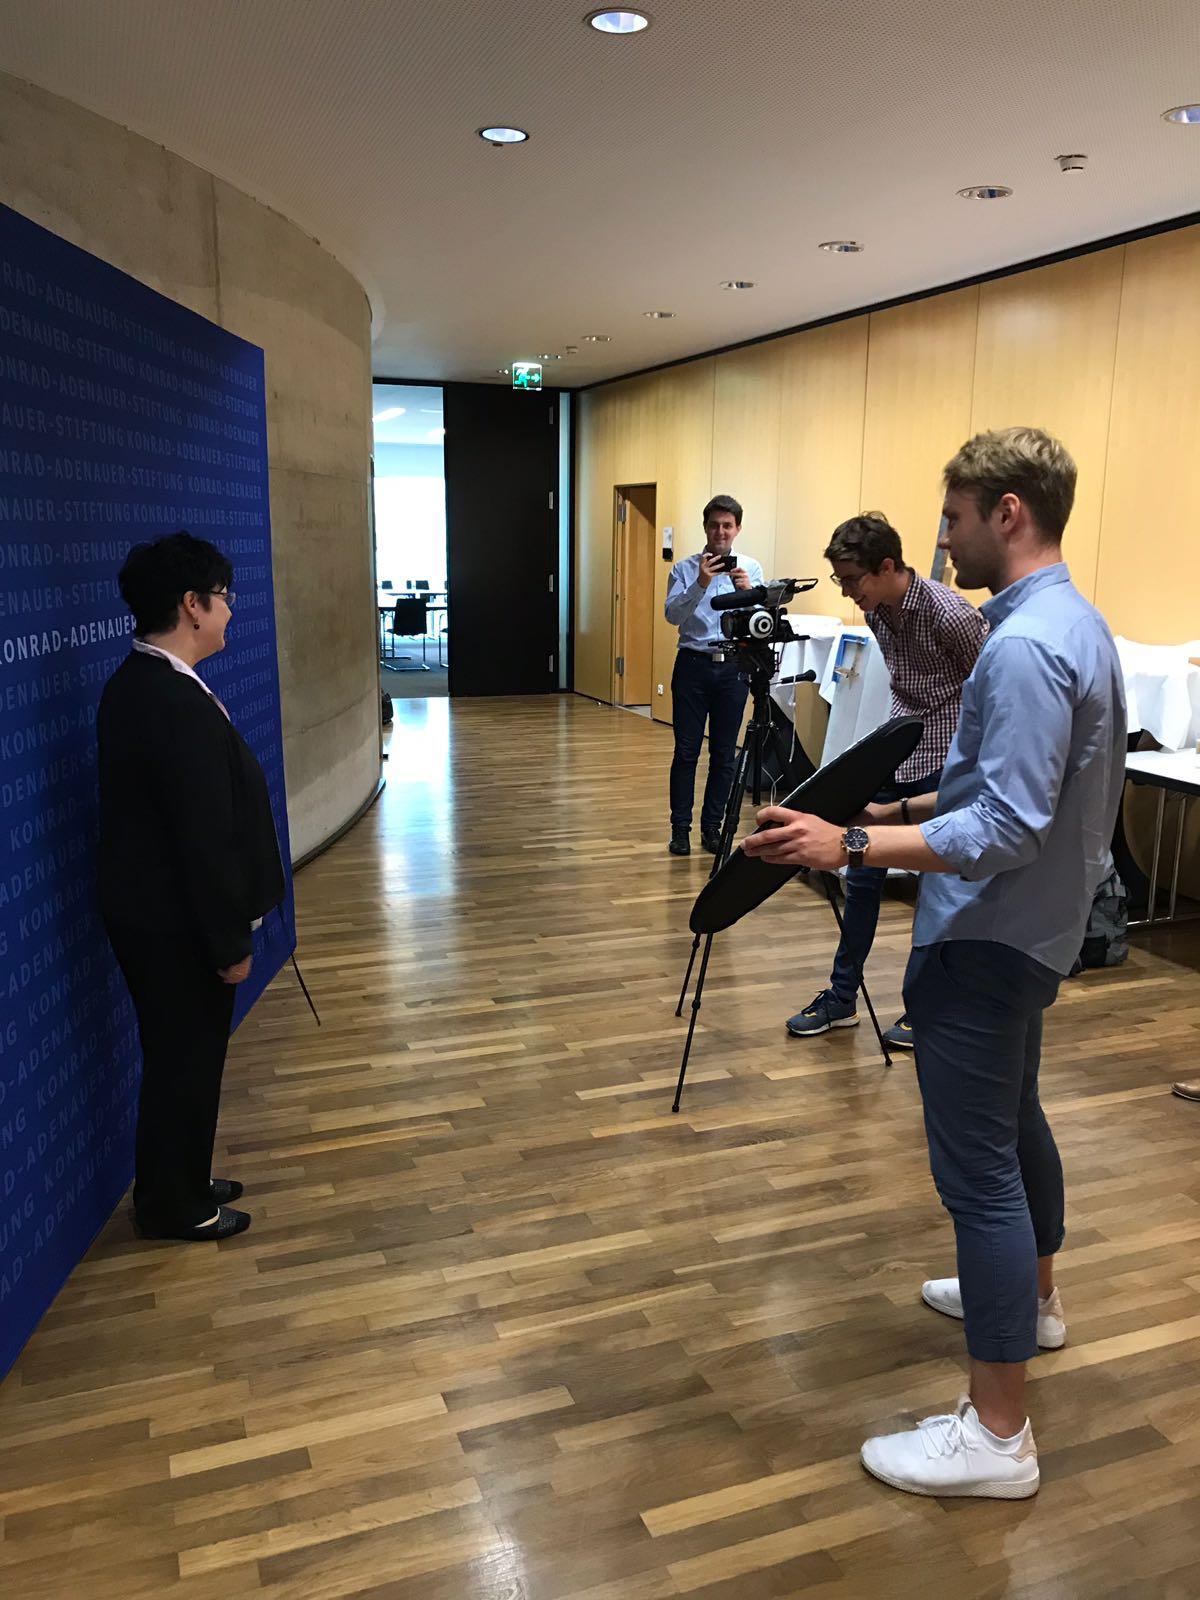 Im Anschluss haben wir auch mit Frau Dr. Schmidt eine kleine Videosequenz gedreht. Unser Medienspezialist Elias Müller hat alles im Griff gehabt.